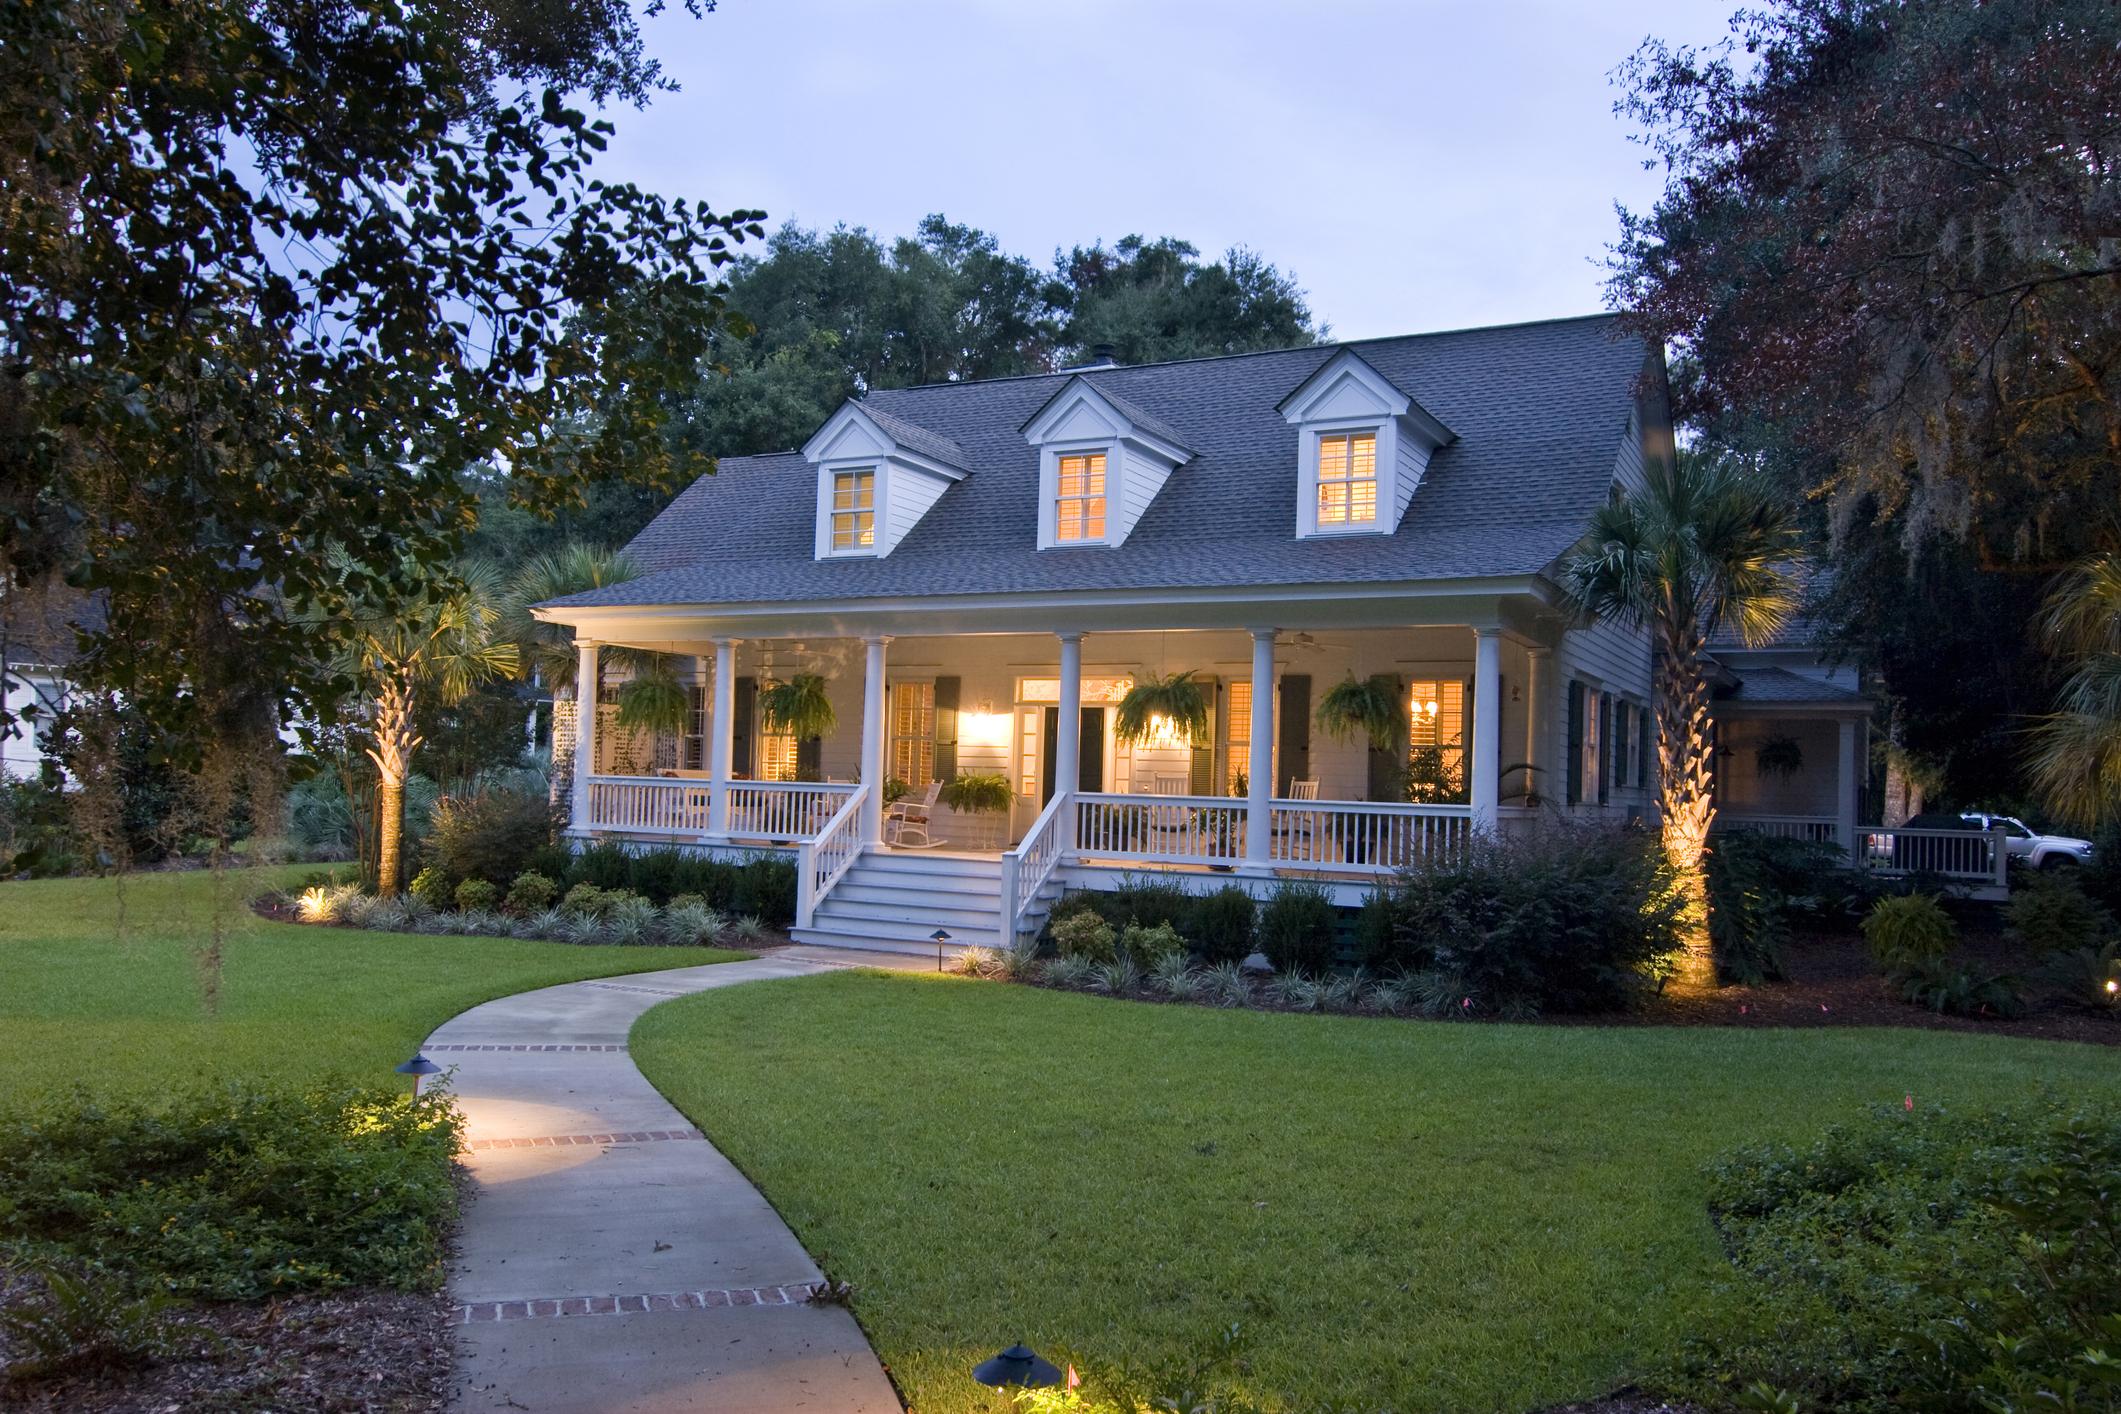 RI Homeowner's Insurance